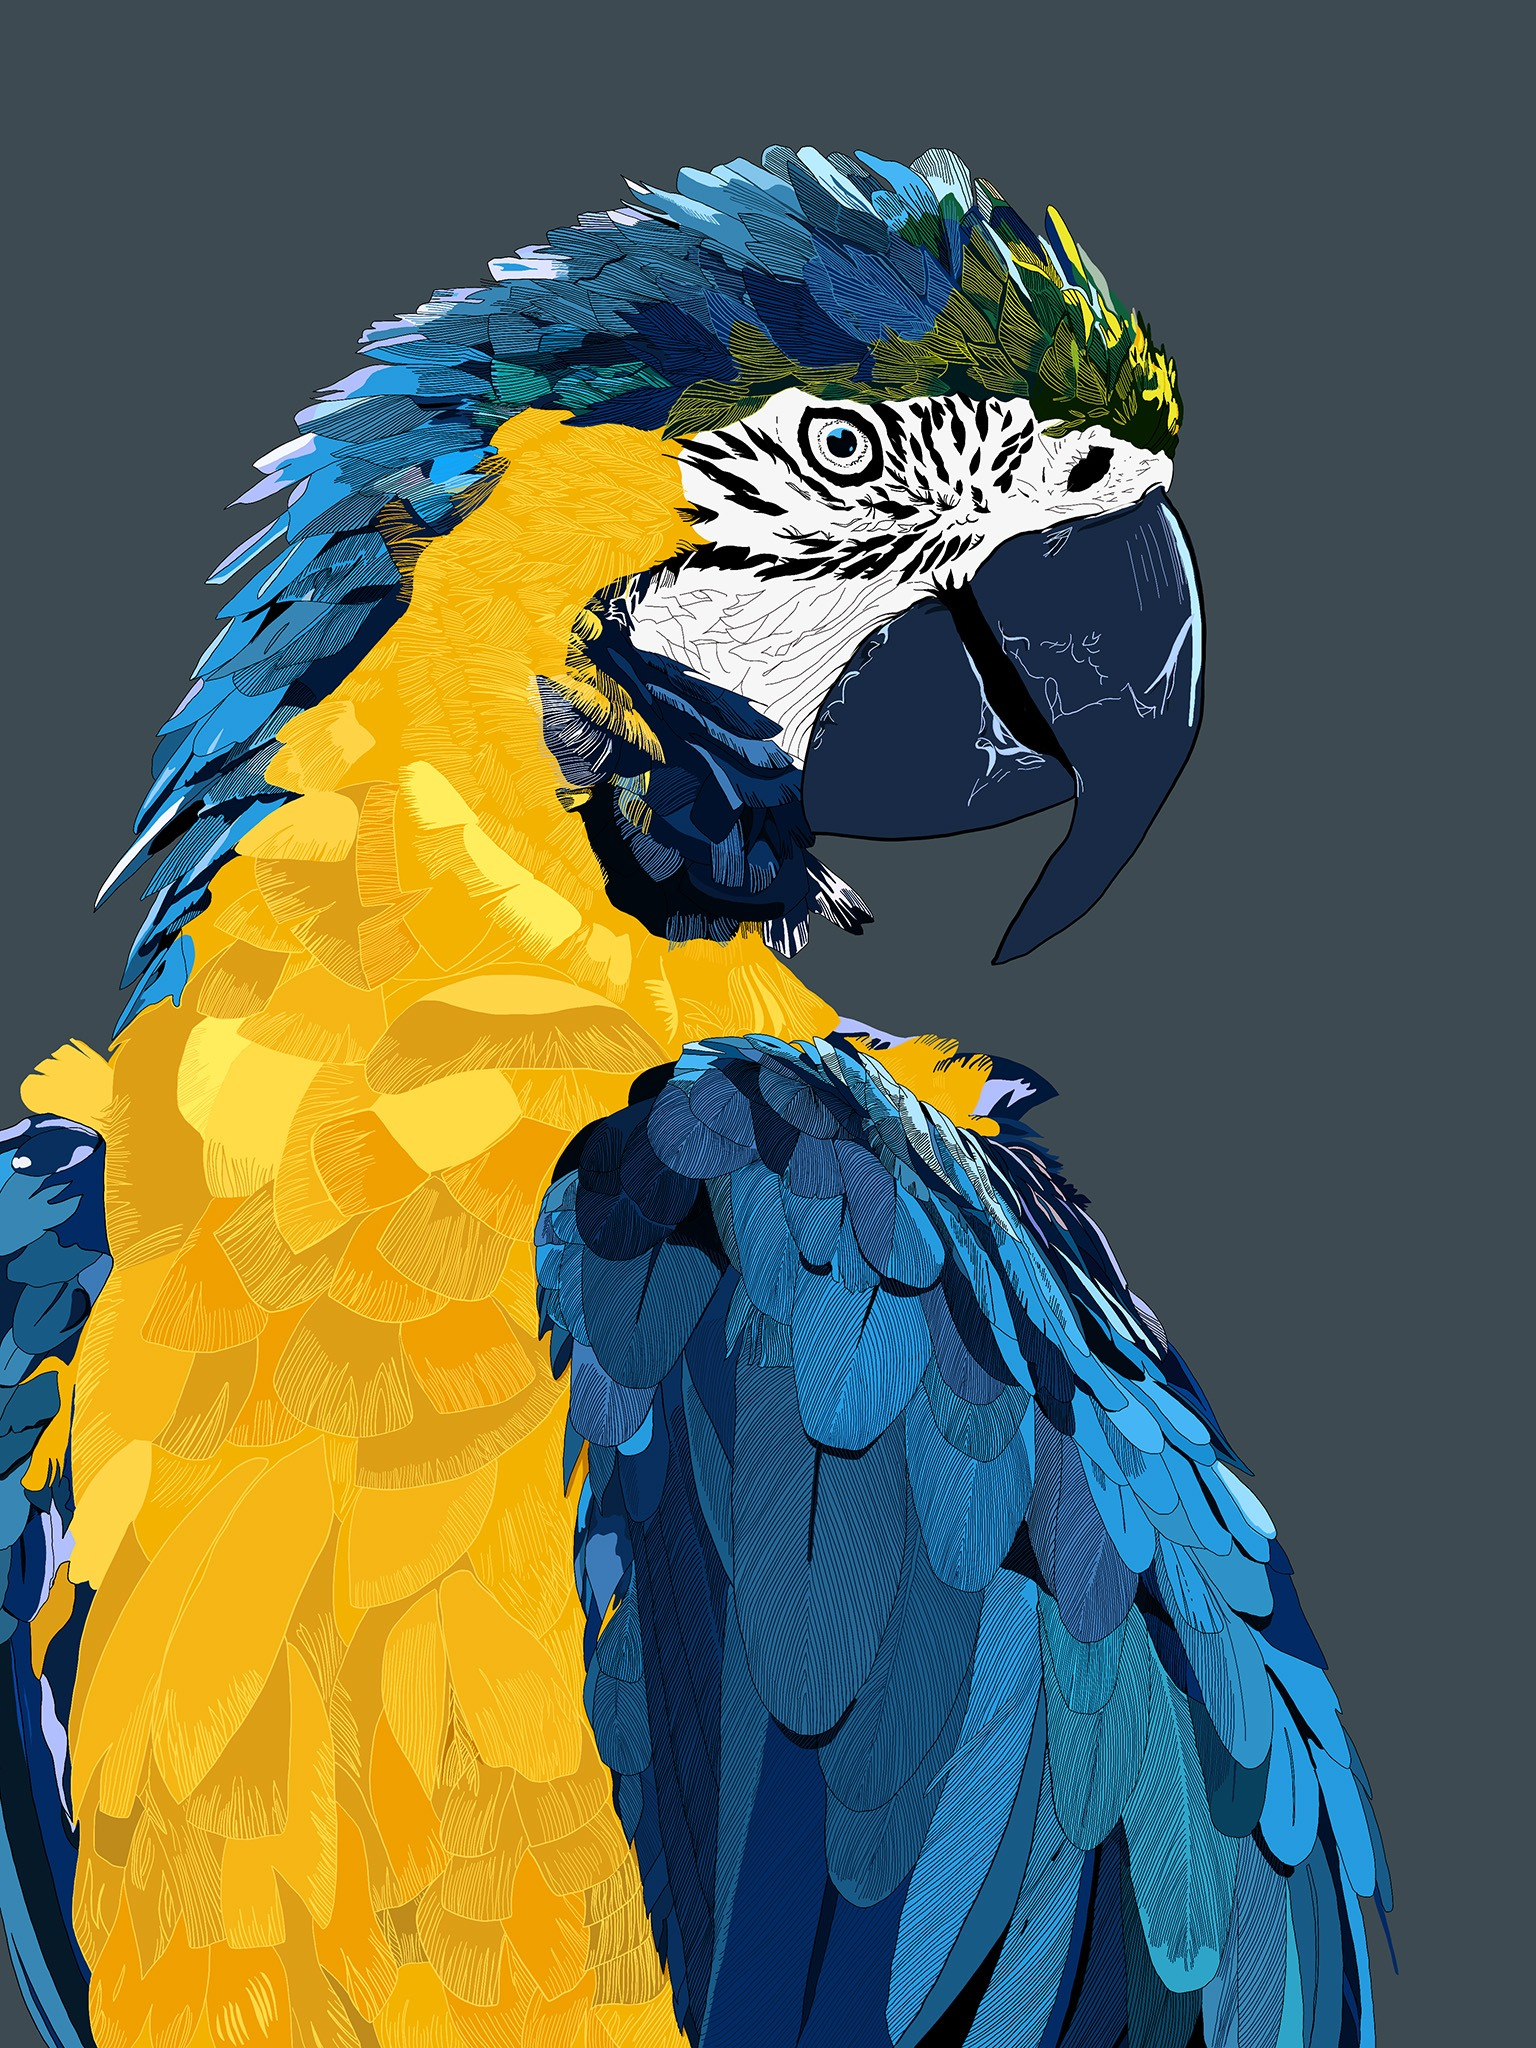 Une illustration de perroquet aux plumes bleues et jaunes